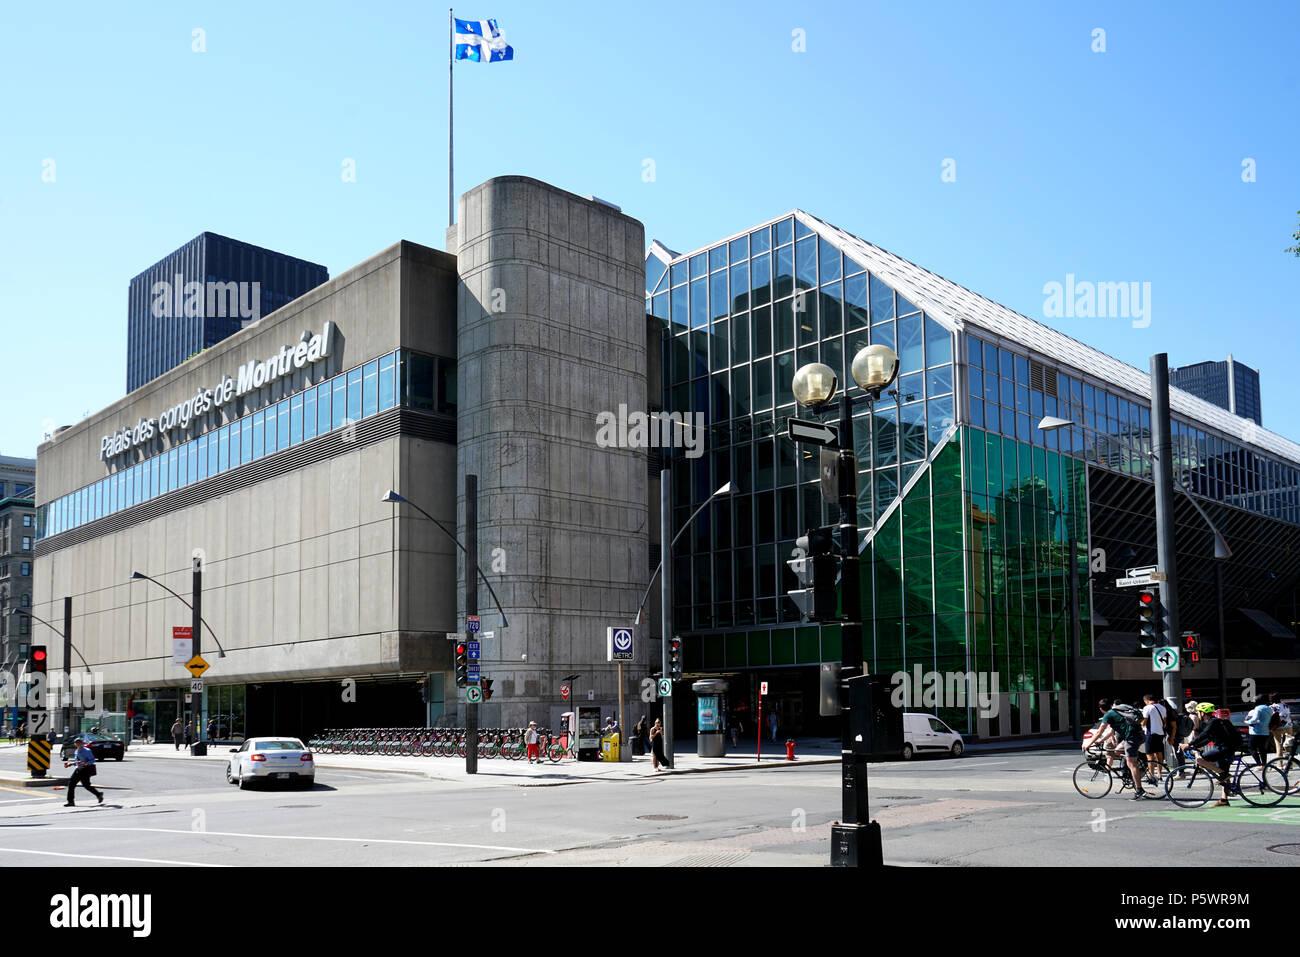 Centre Commercial Palais Des Congrès montreal palais des congres stock photos & montreal palais des